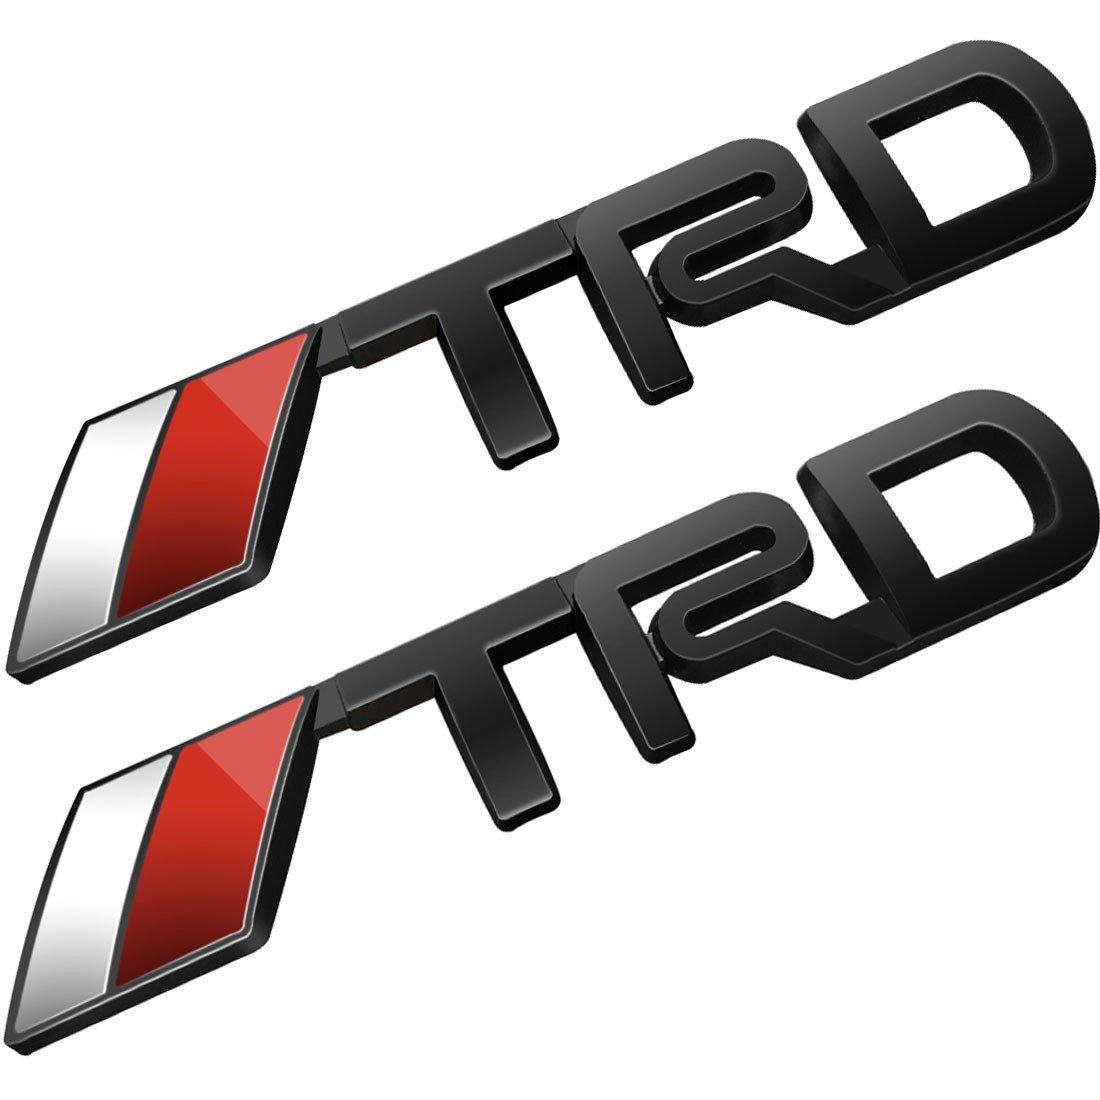 Deselen- LP-BS10AJ - FJクルーザー、スーパーチャージャー、トンドラ、タコマ、4ランナー、ヤリス、カムリ、パック2(ブラック)のトヨタTRD車のエンブレムクロムステッカーデカールバッジラベル B01MQW5U9C  ブラック L